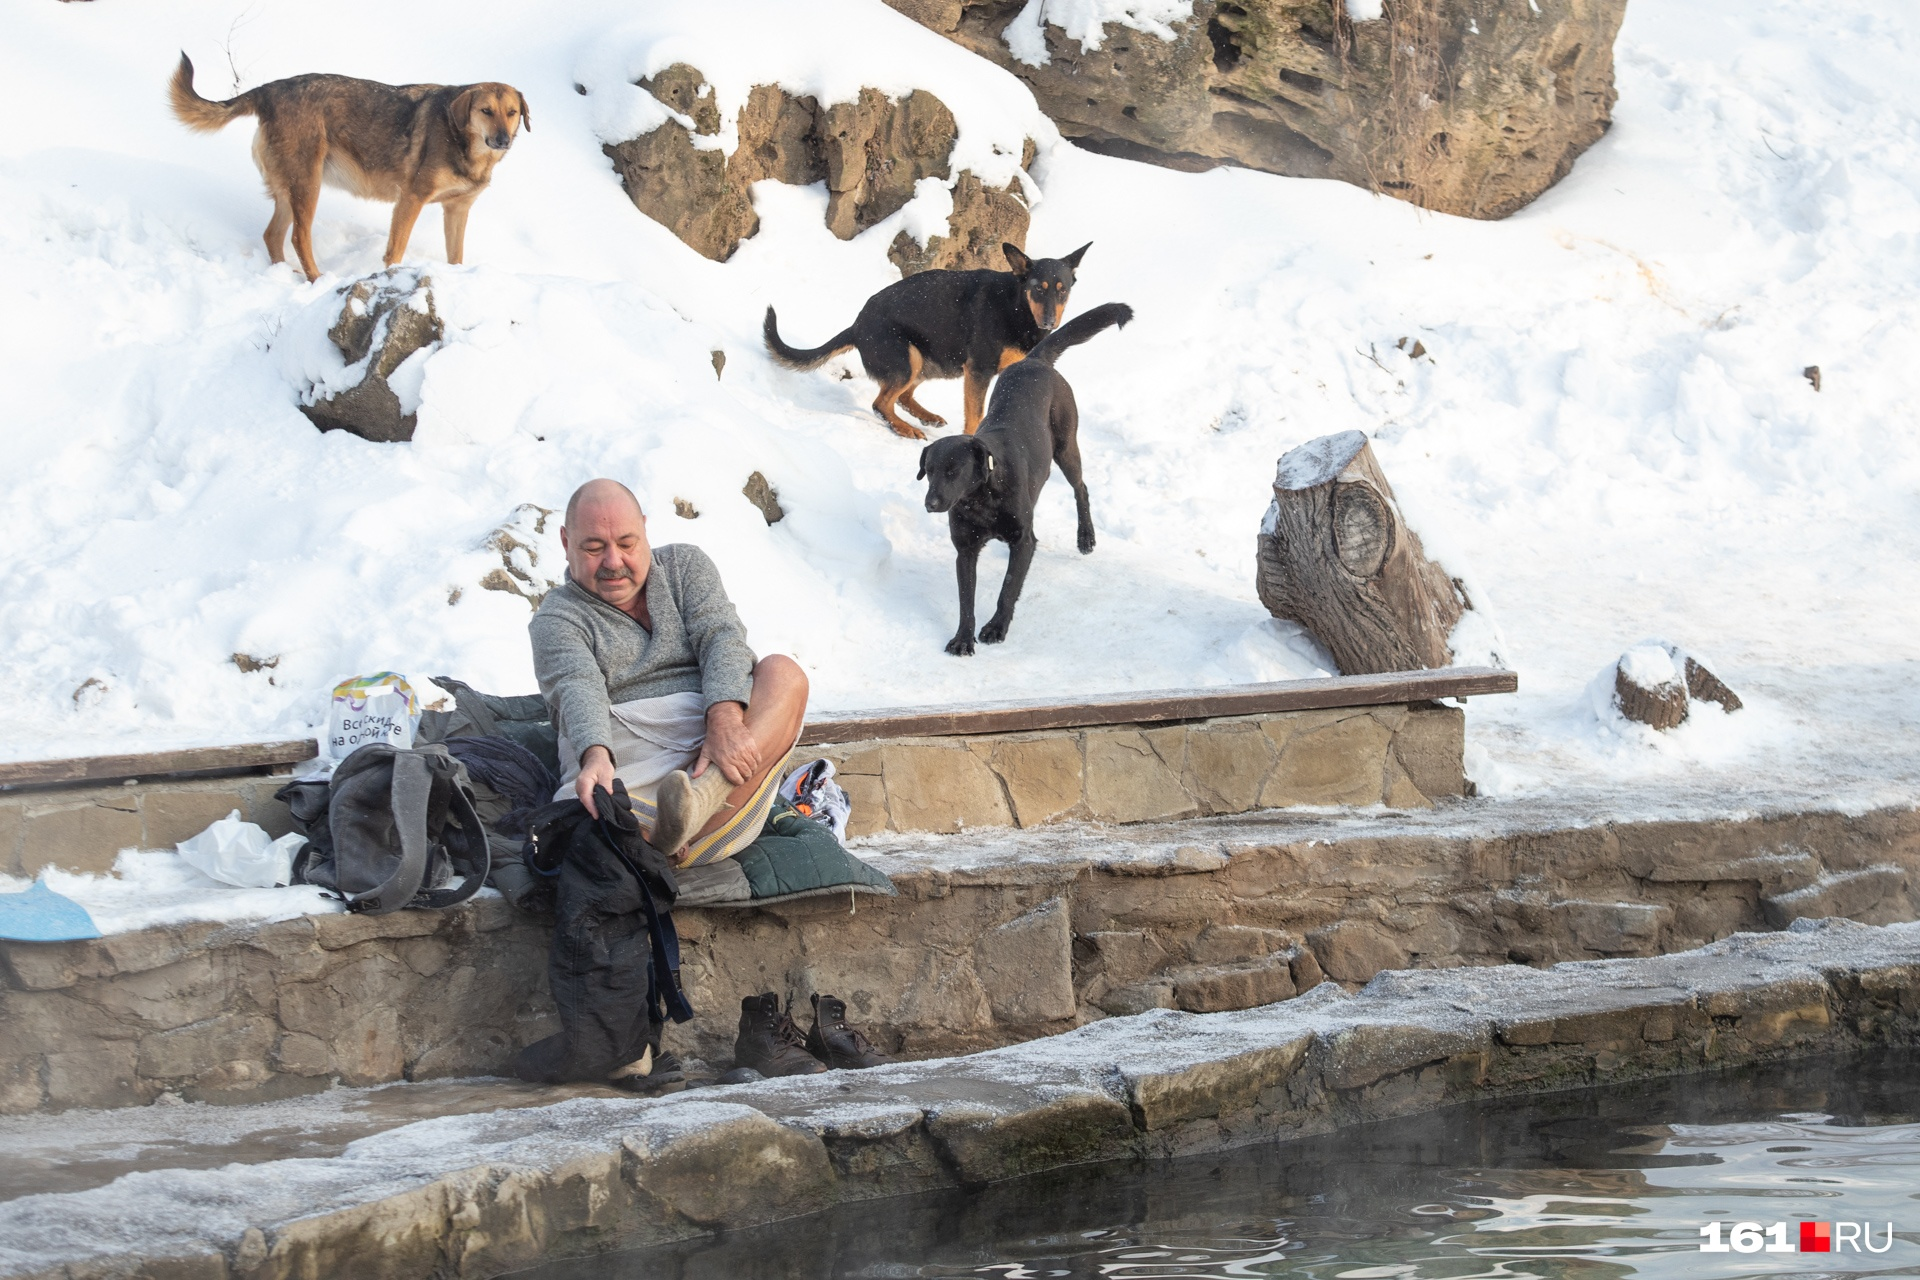 Рядом с родником живет несколько симпатичных собак, которые обрадовались такому количеству гостей